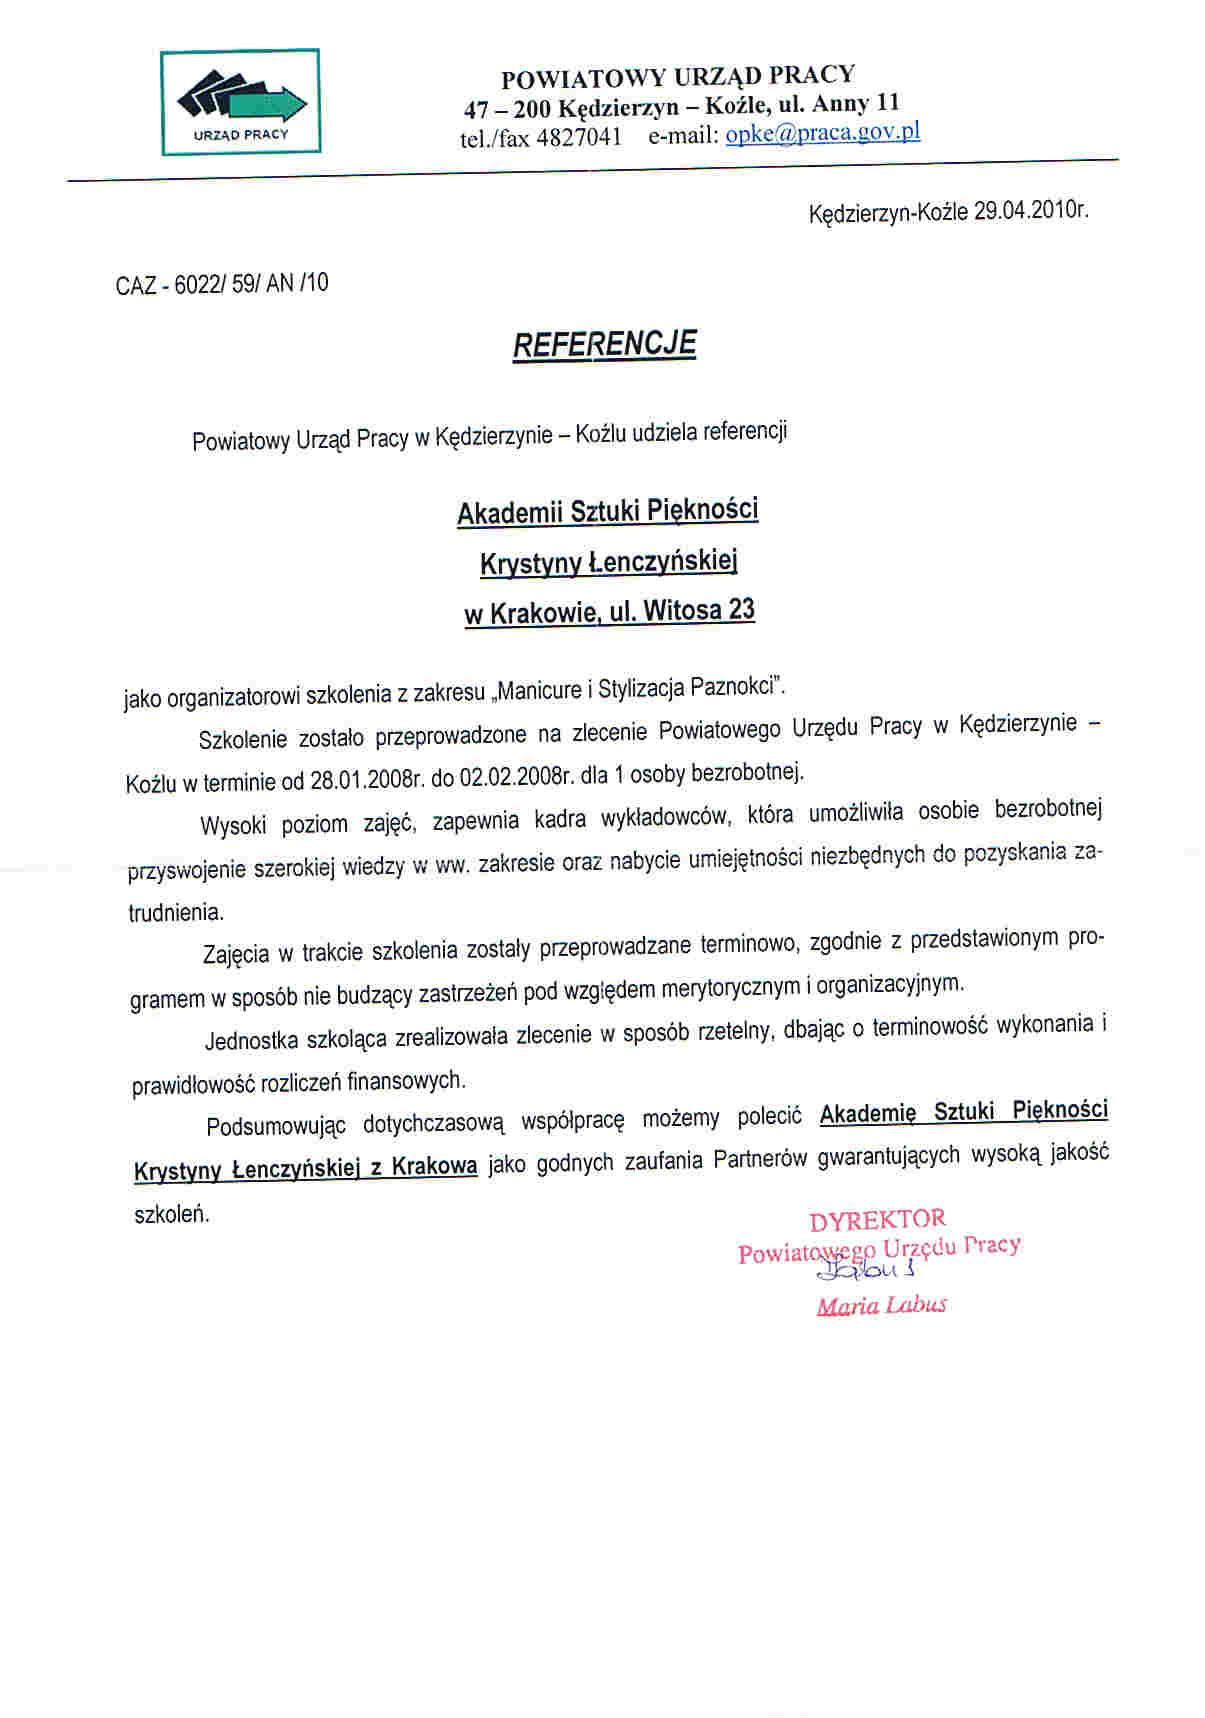 Powiatowy Urząd Pracy w Kędzierzynie Koźlu-Kędzierzyn Koźle